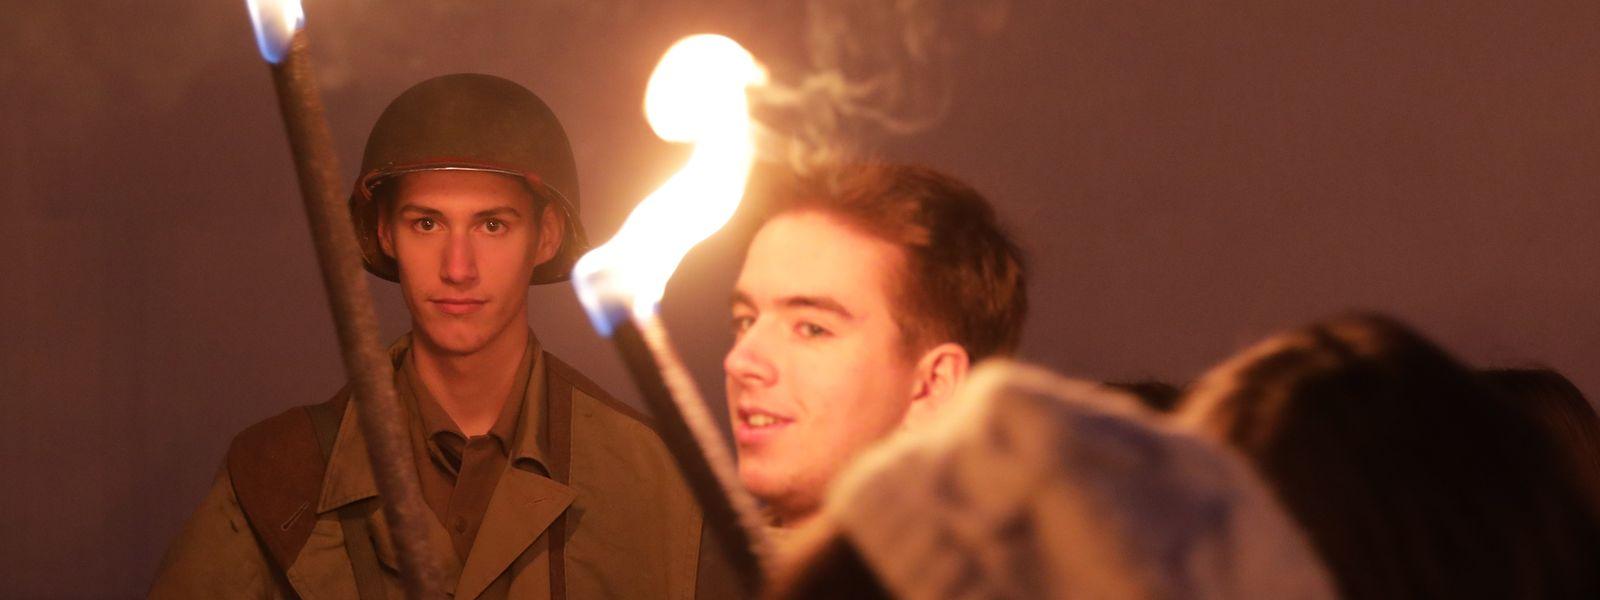 Osweiler erinnerte sich am Sonntagabend an die Ardennenoffensive.